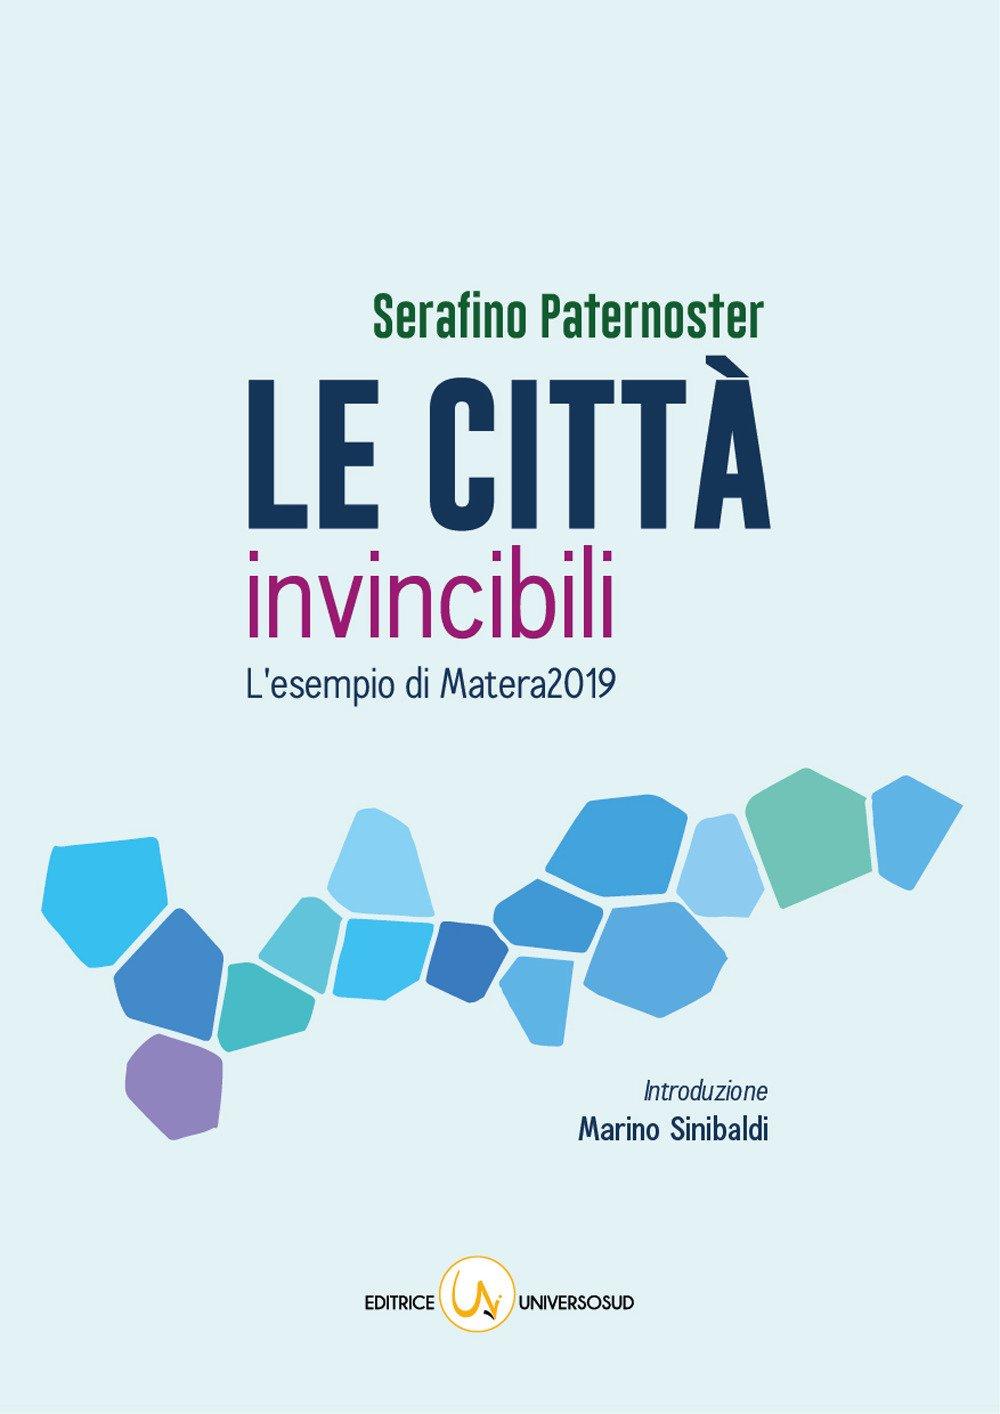 Le città invincibili. L'esempio di Matera2019 Copertina rigida – 31 dic 2017 Serafino Paternoster Universosud 8899432244 SCIENZA POLITICA